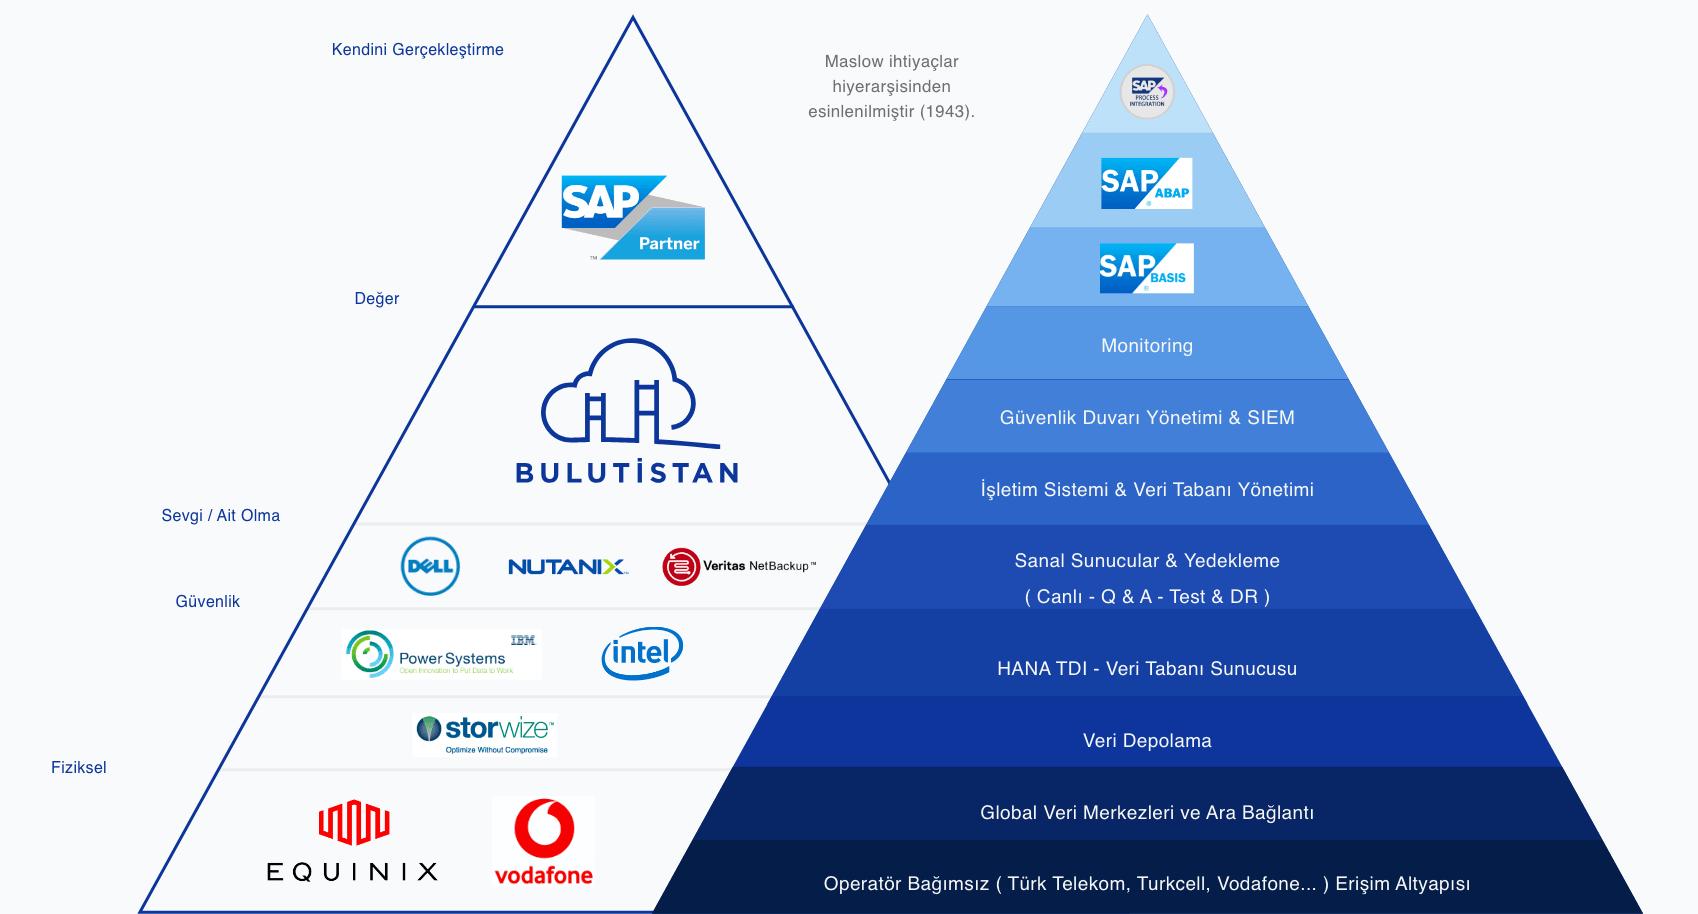 SAP / Hana Cloud